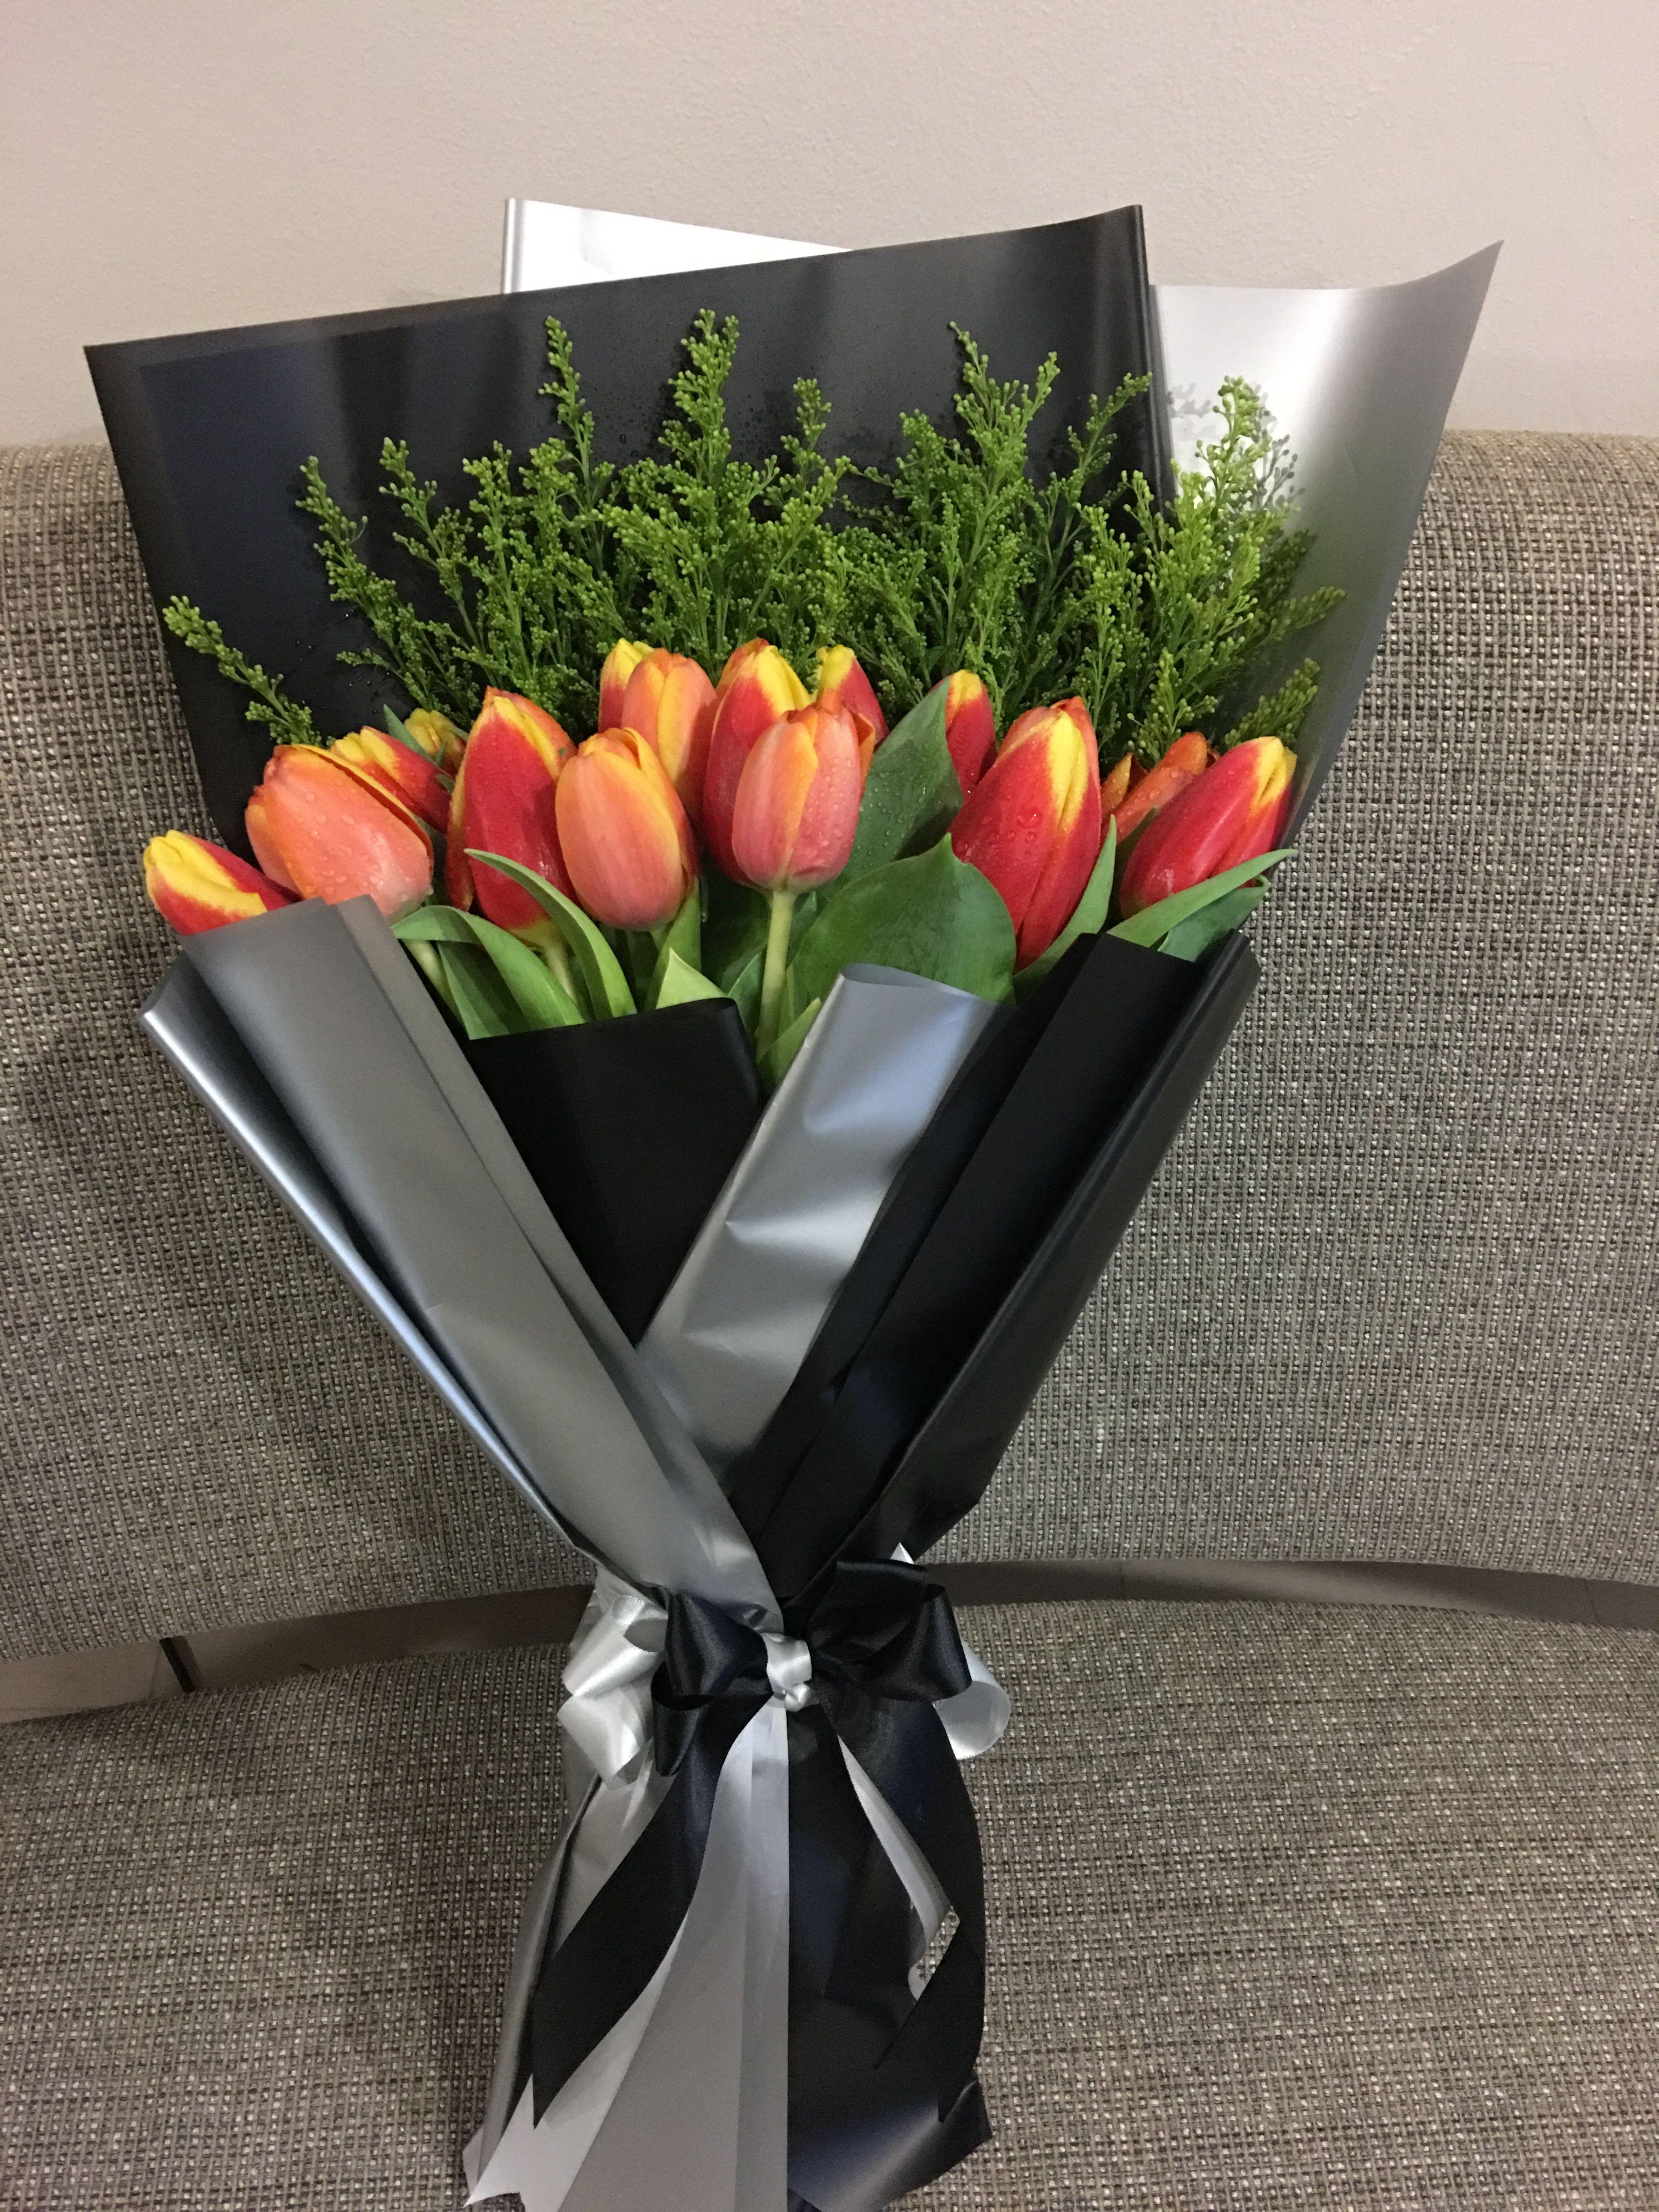 Tulips Hanbouquet Flowers Bouquet Flower Delivery Online Florist